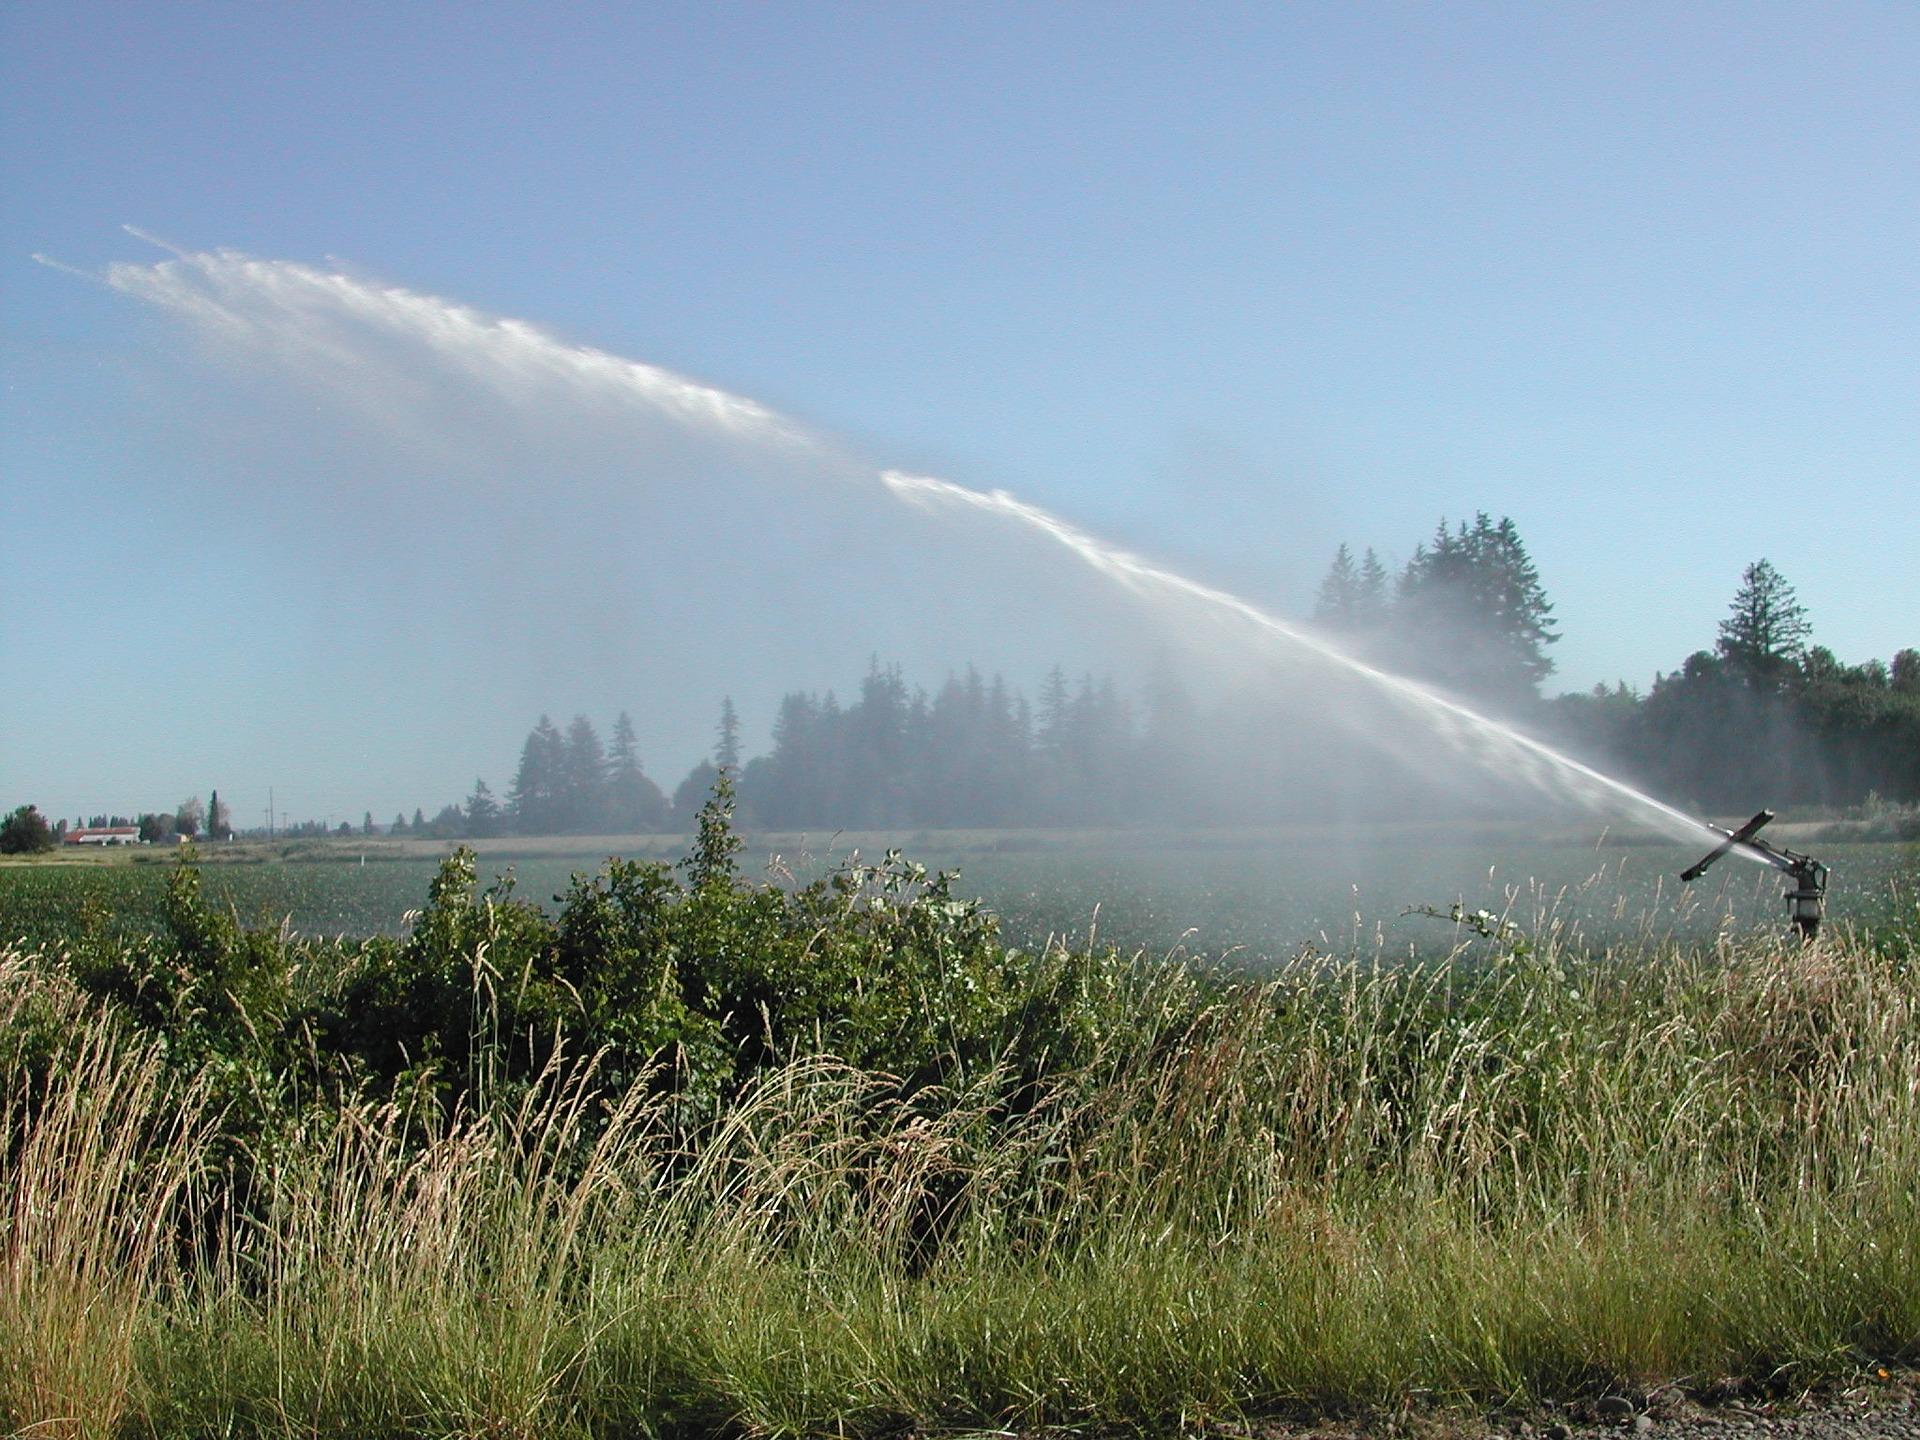 A imagem é uma plantação, sendo molhada por um irrigador fixo no chão, que envia um jato de água forte e longo sob as plantas.